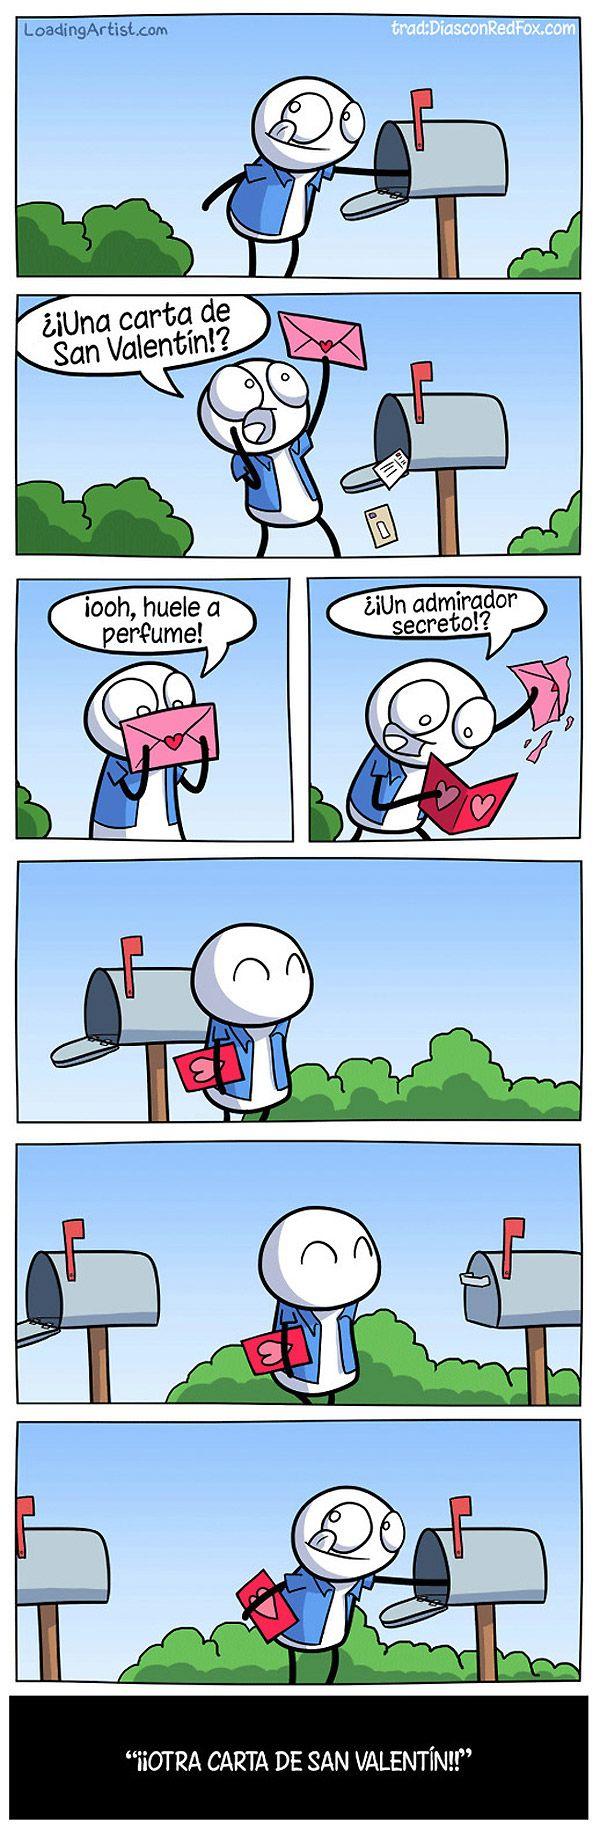 abre el buzón, ve una carta, la abre, se pone feliz, no es su correo